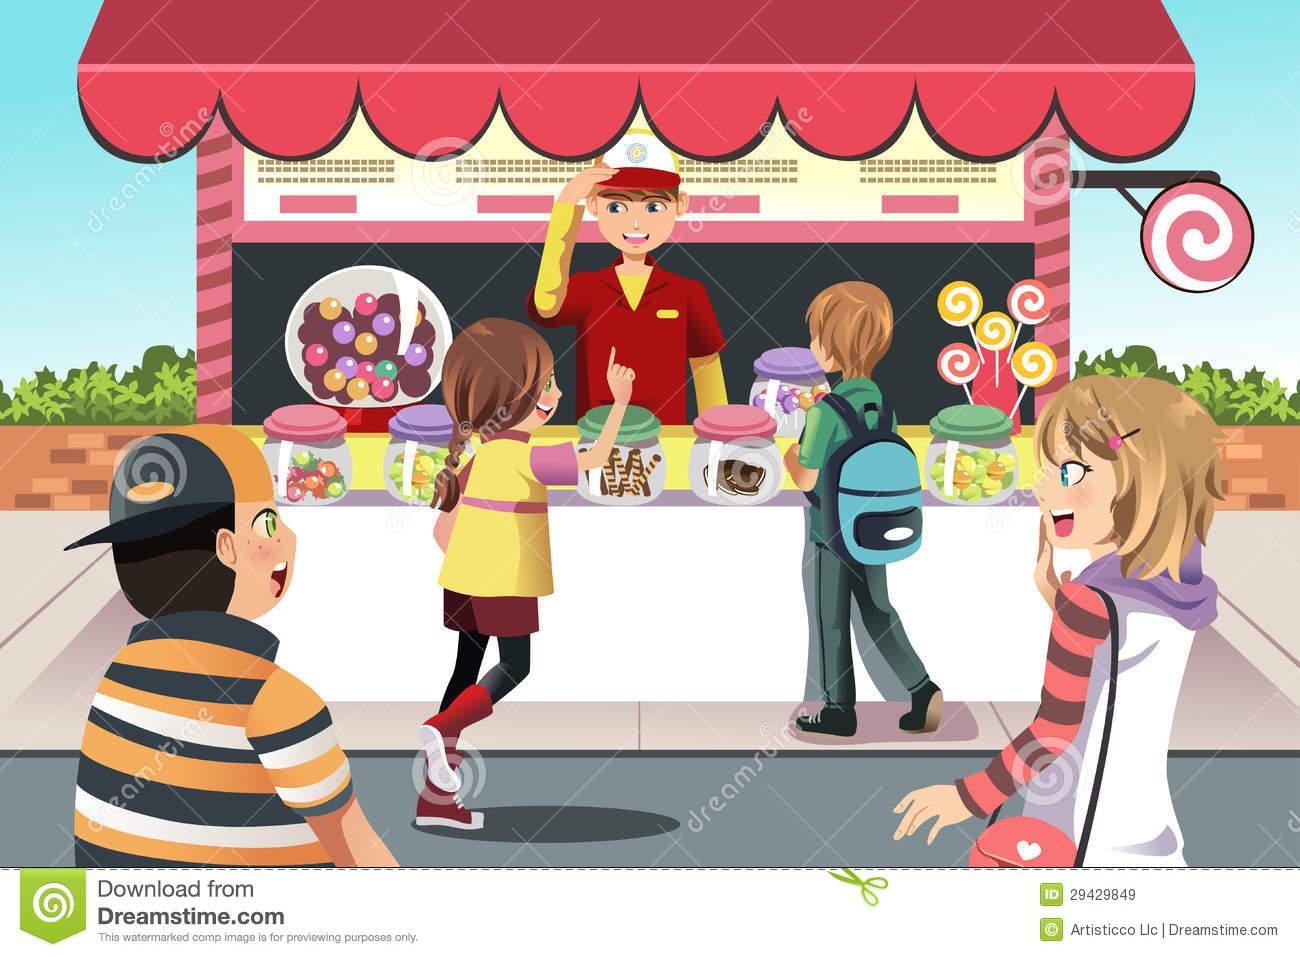 Kiosk clipart #12